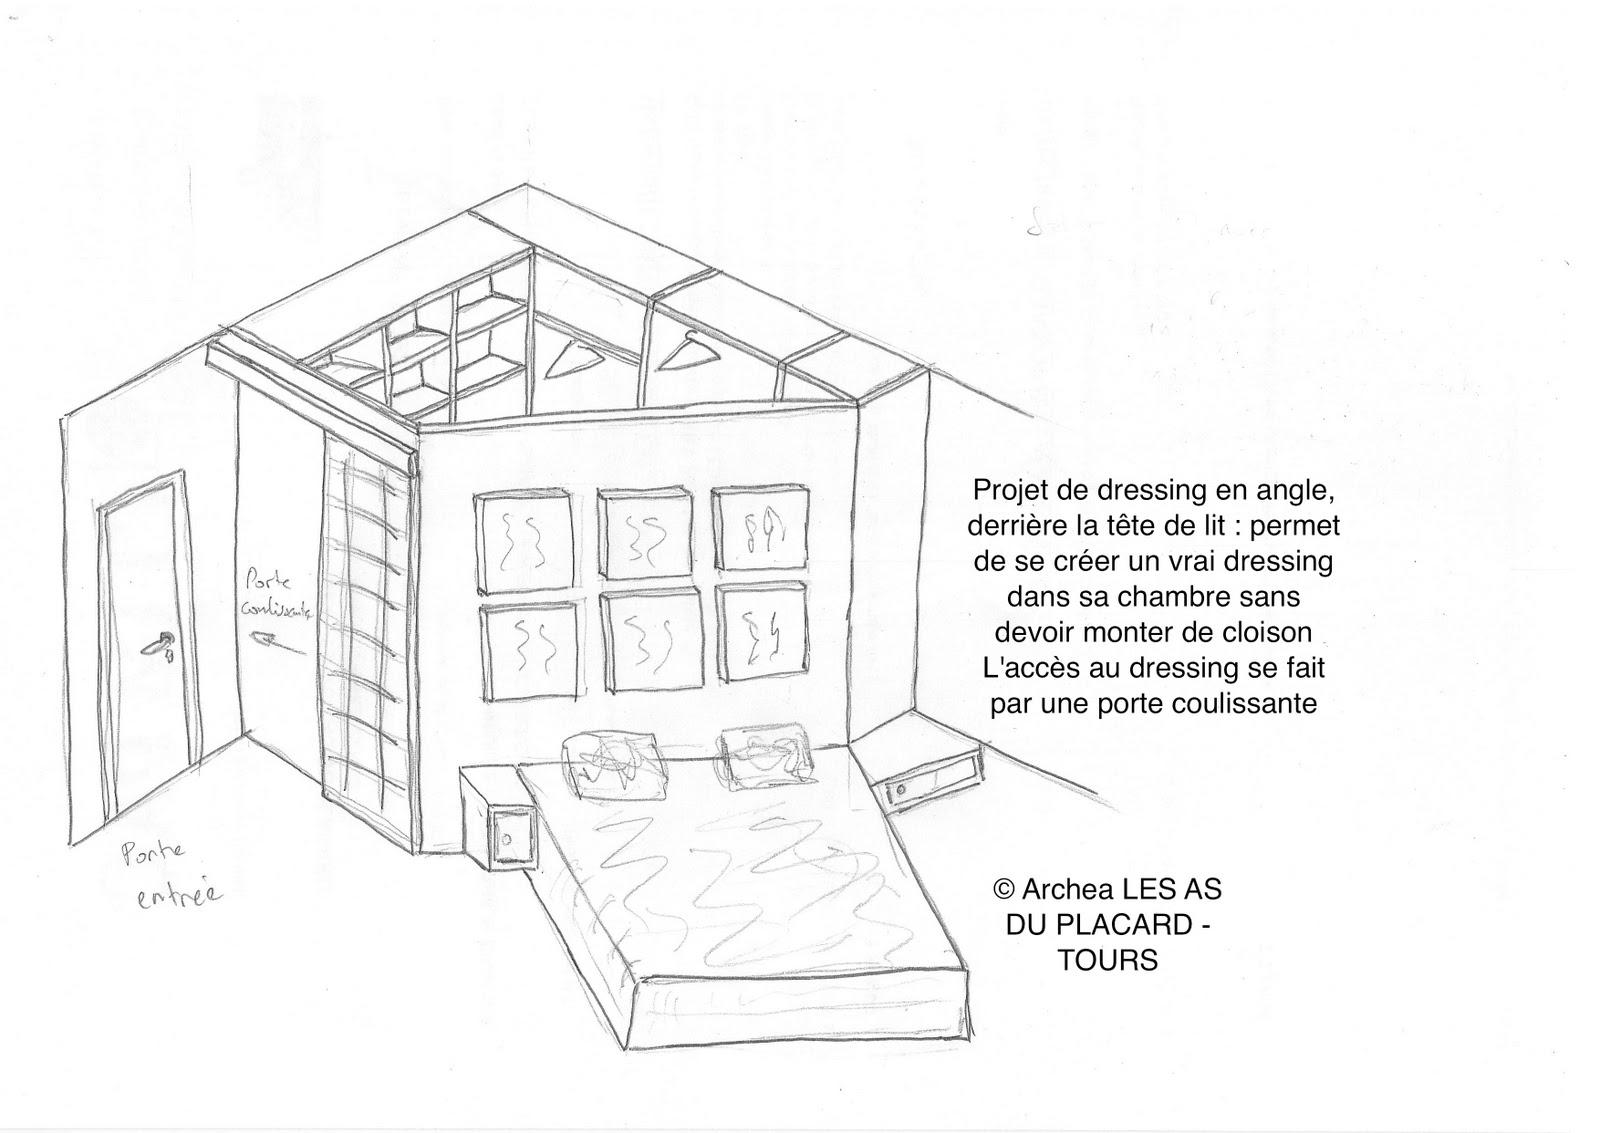 plan tete de lit dressing id e inspirante pour la conception de la maison. Black Bedroom Furniture Sets. Home Design Ideas